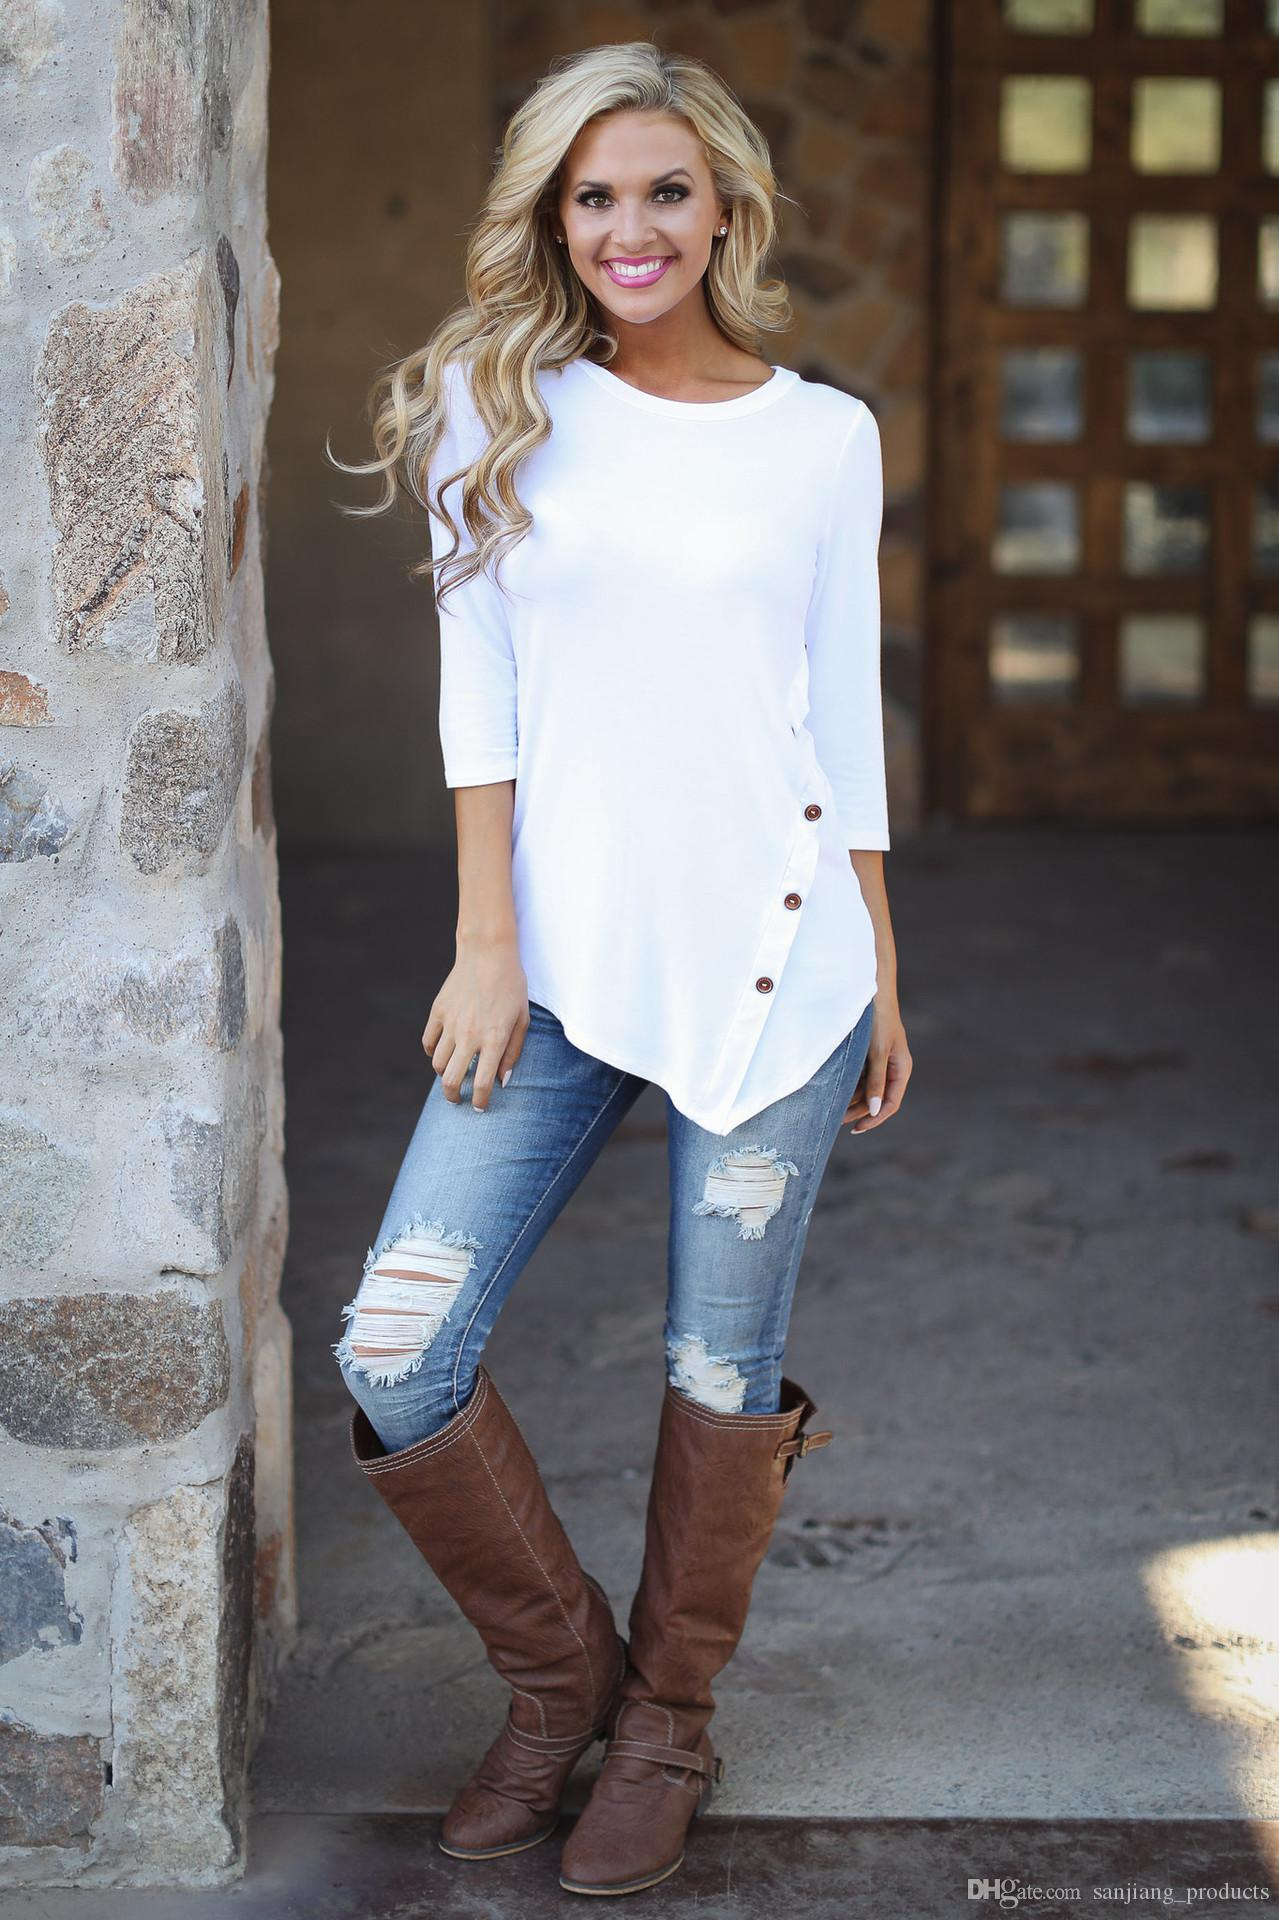 Frauen Unregelmäßige langarm Bluse T-shirt Scoop Neck Button Decor Mode Lässig Hemd Für Mädchen Damen Tops 8Design S-6XL